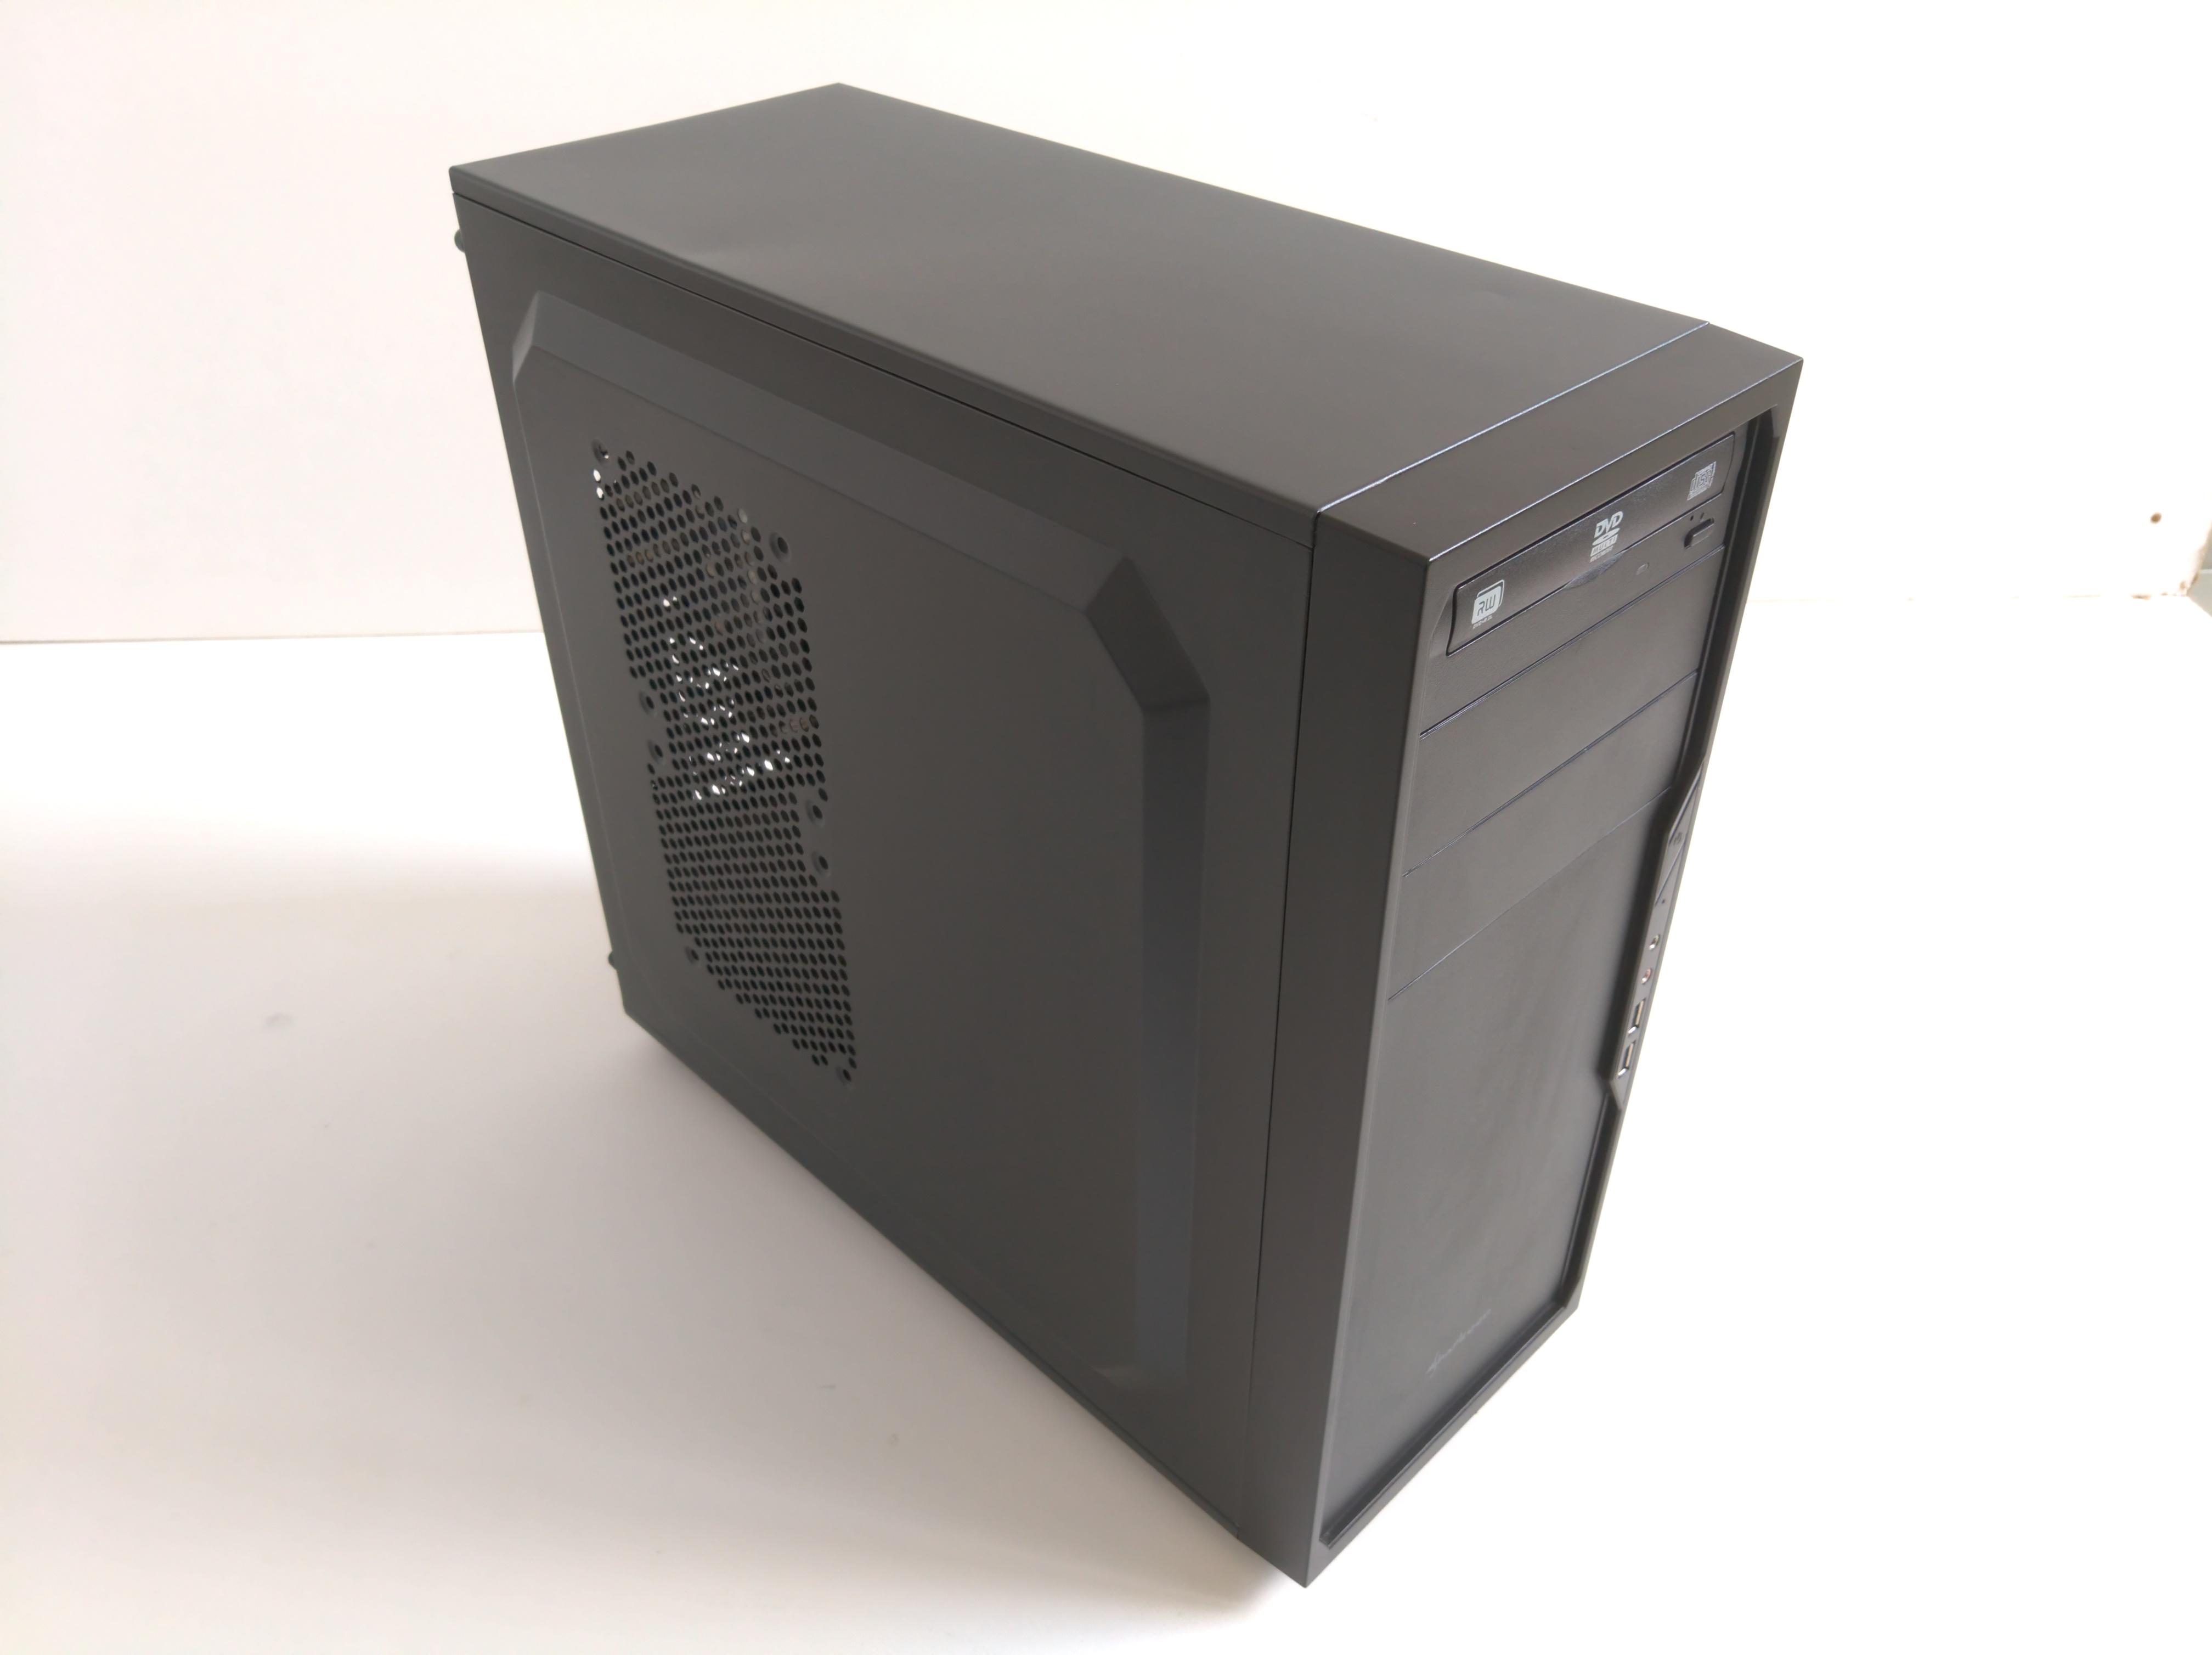 Stolní PC skládané (externí síťová karta)